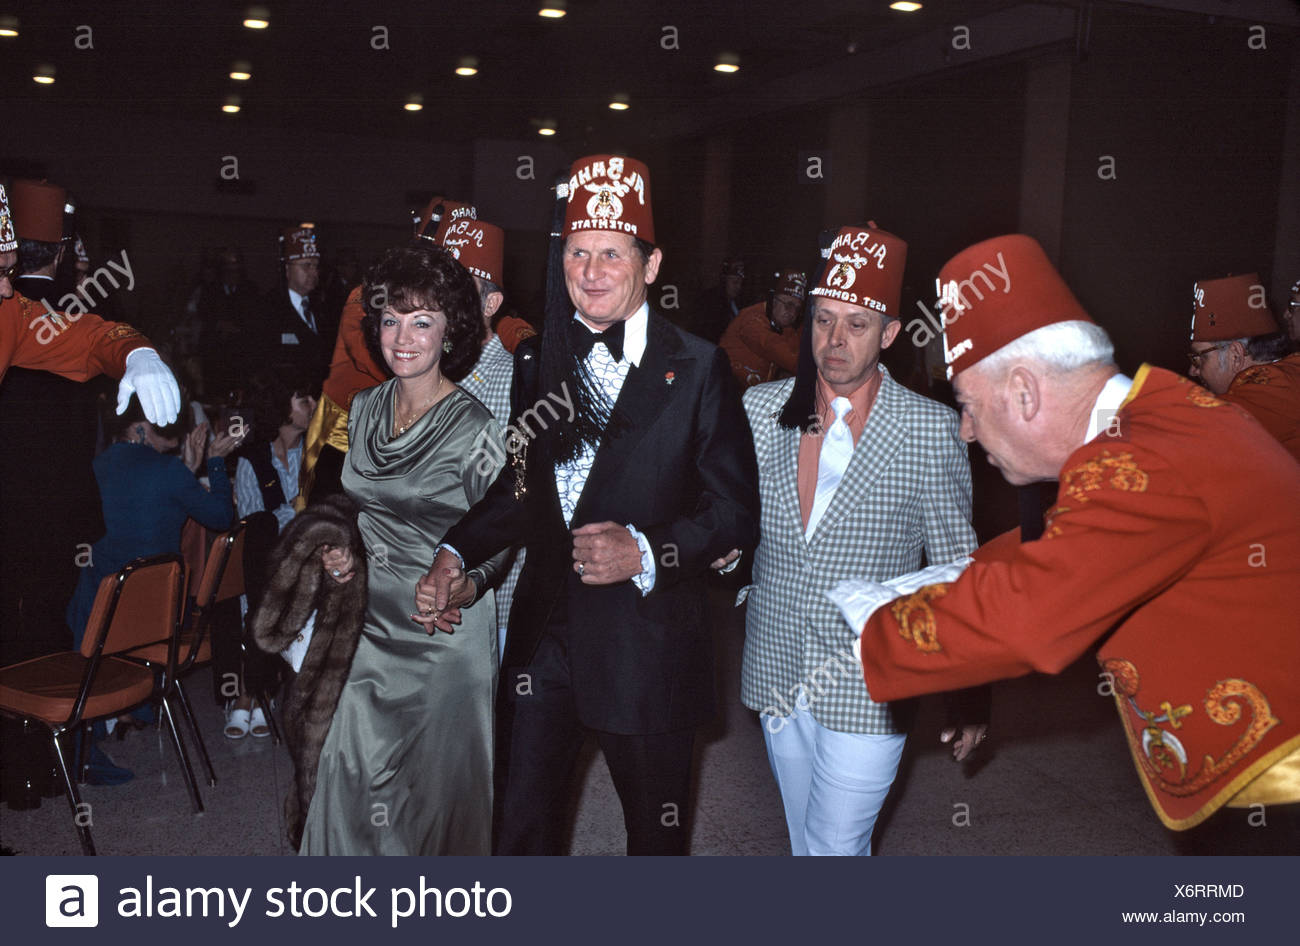 0e127f142091f Una fraternidad Shriners de masones Fez sombreros en una reunión del  partido en 1971 Imagen De